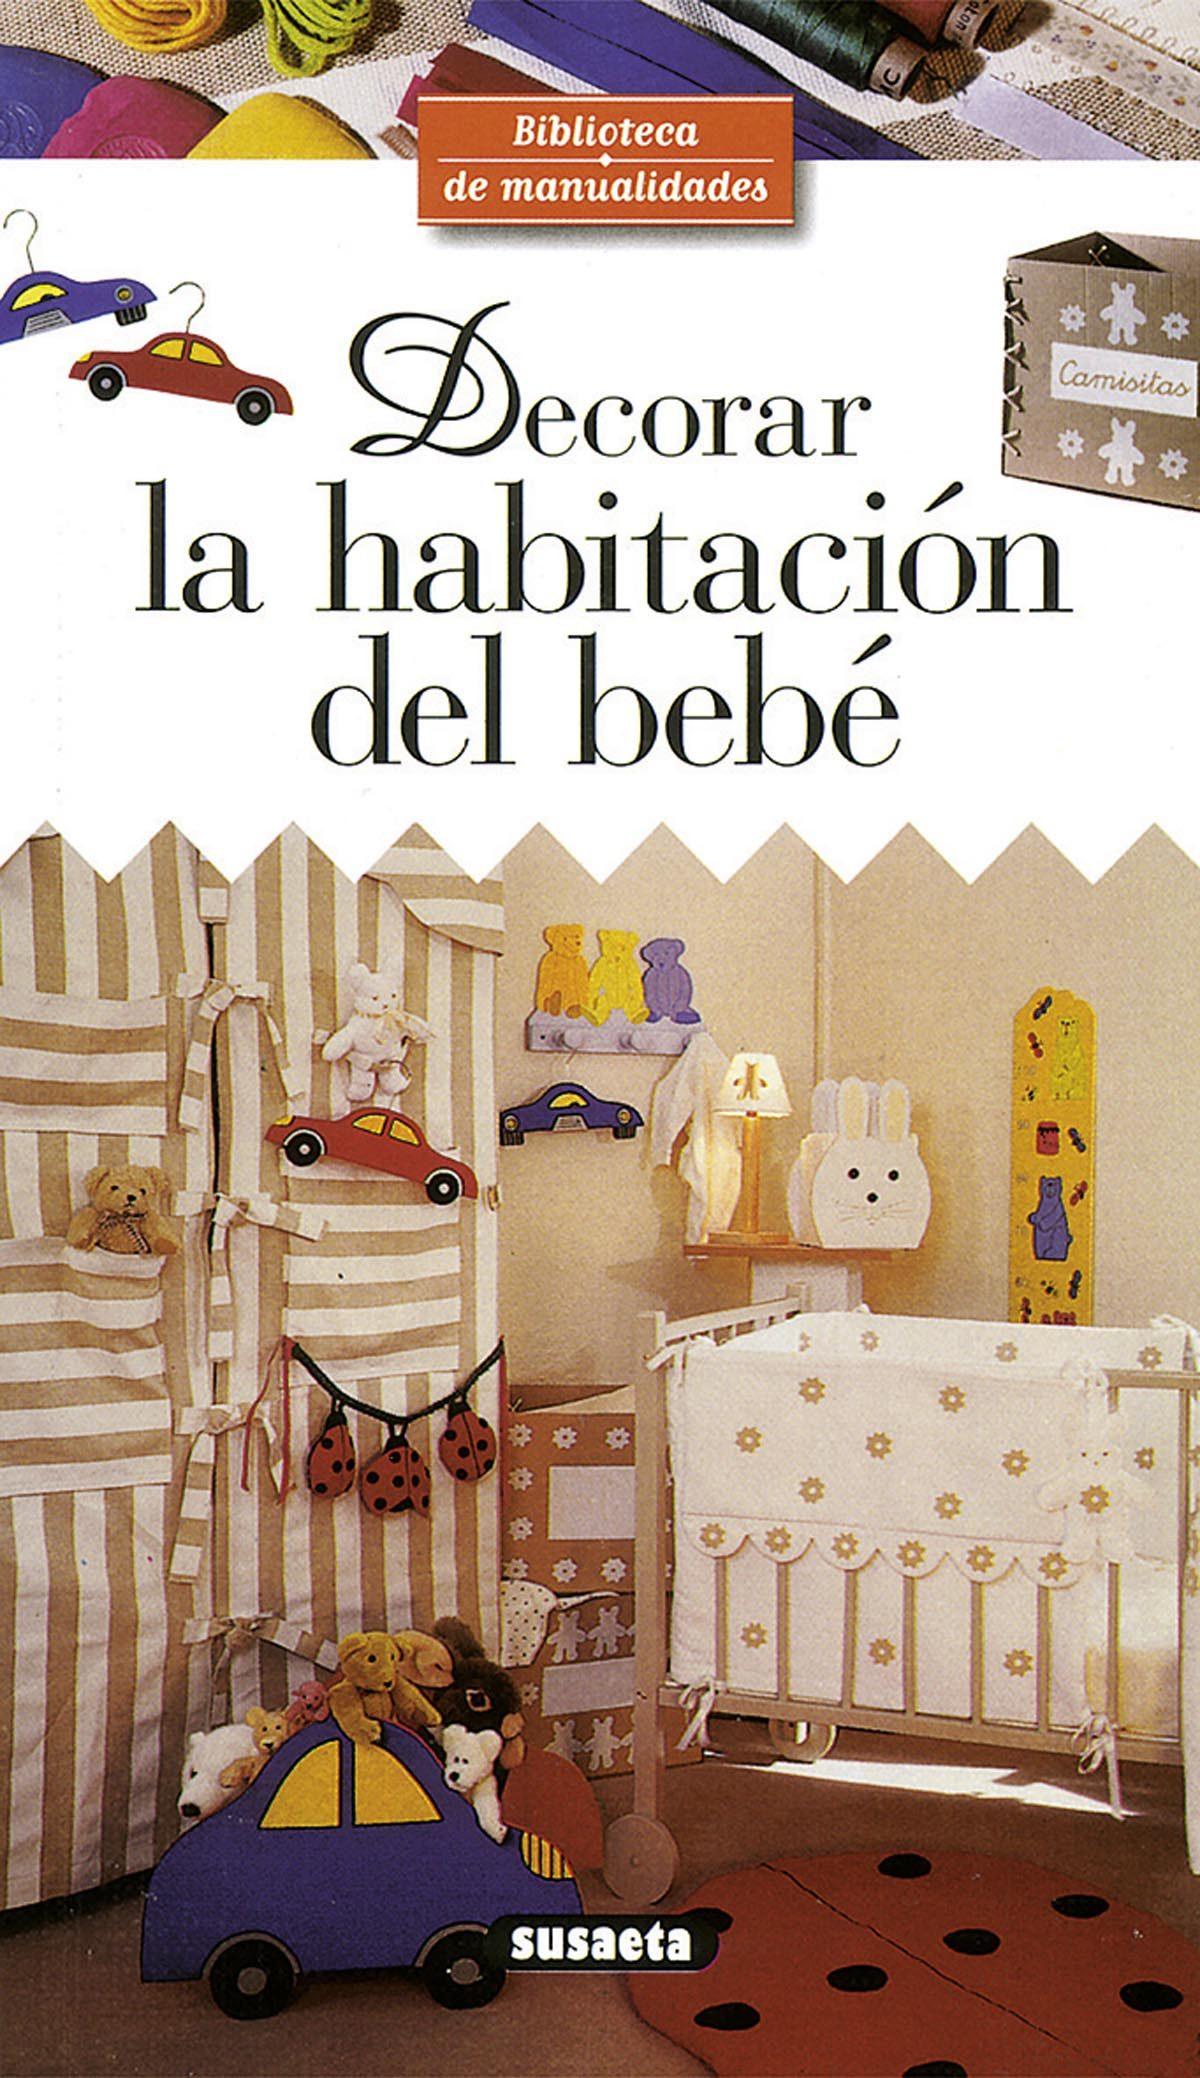 Decorar La Habitacion Del Bebe Denise Crolle Terzaghi Comprar  ~ Como Decorar La Habitacion Del Bebe